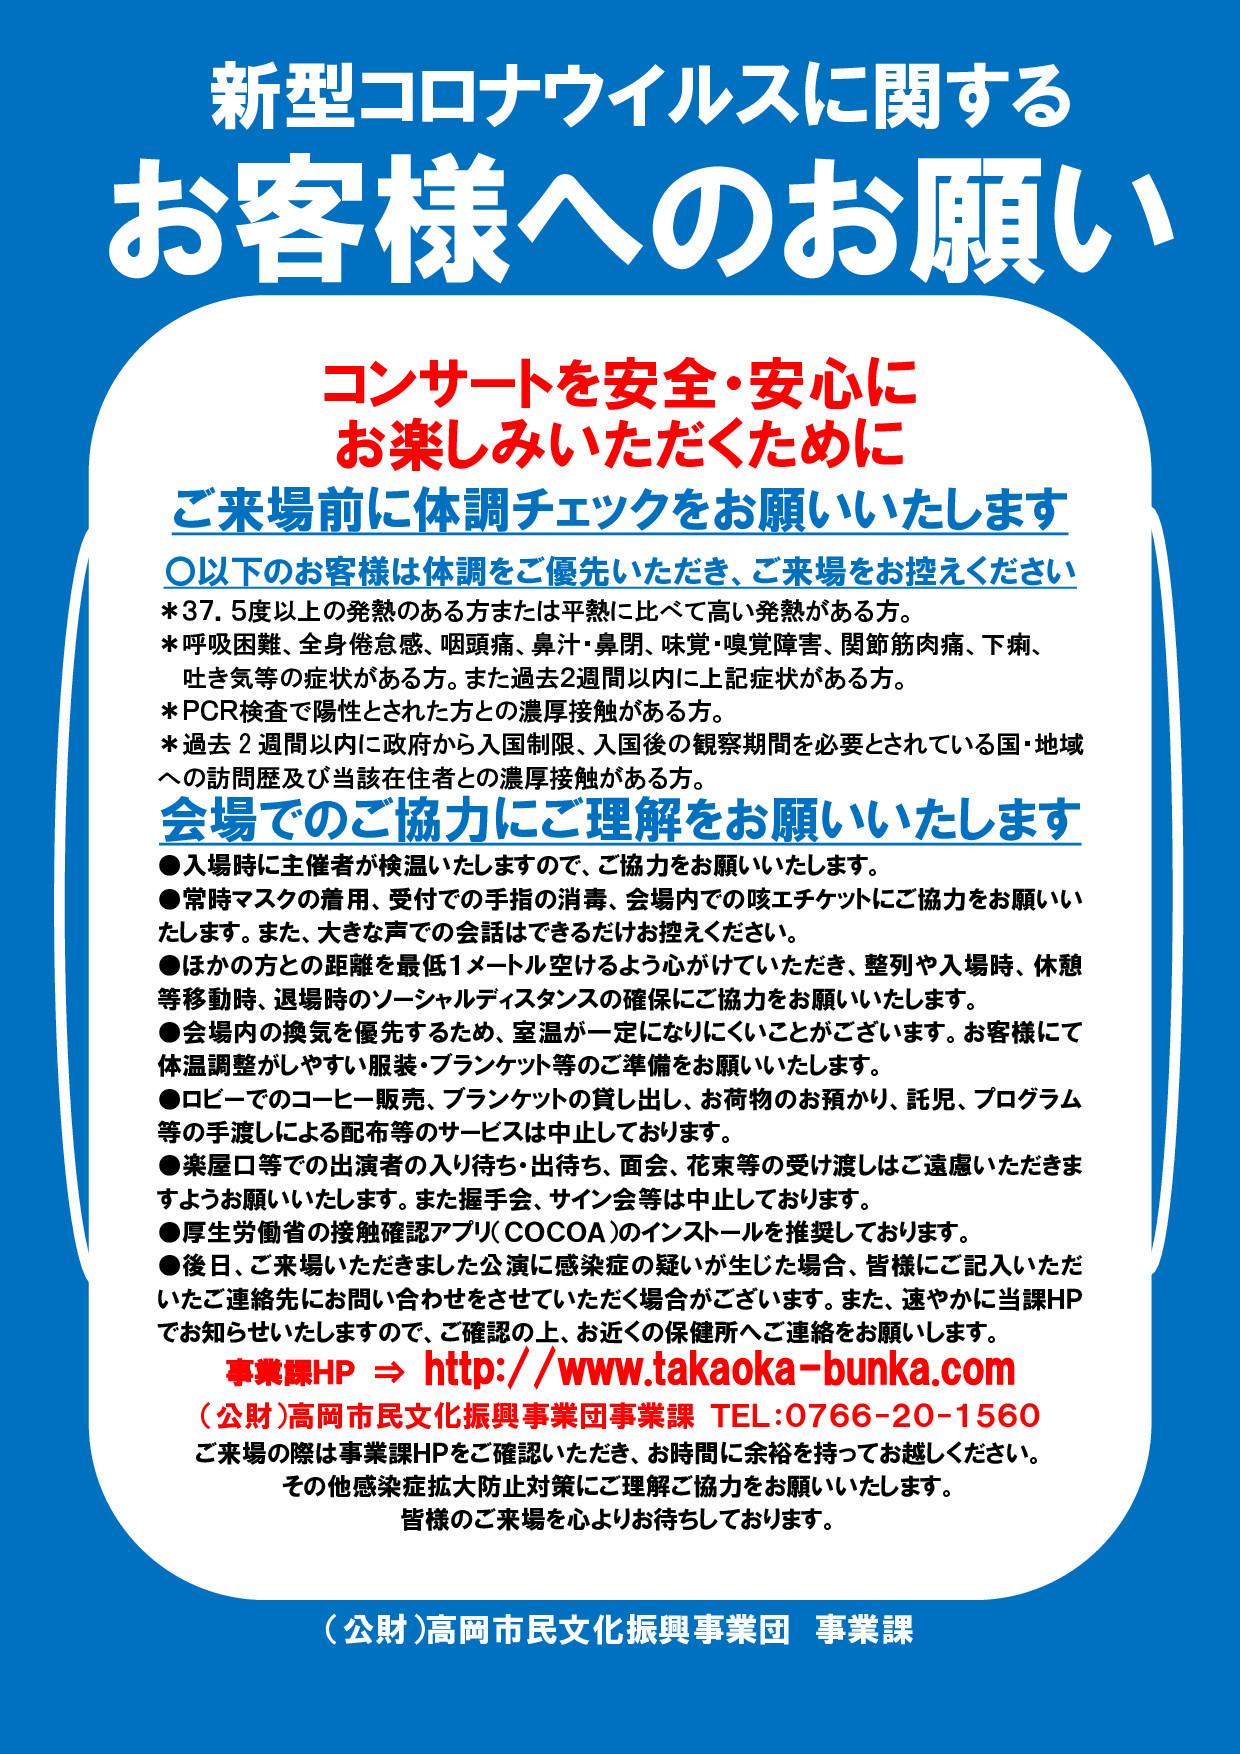 ★サロコンご来場の皆様へのお願い(令和3年1月更新)_001